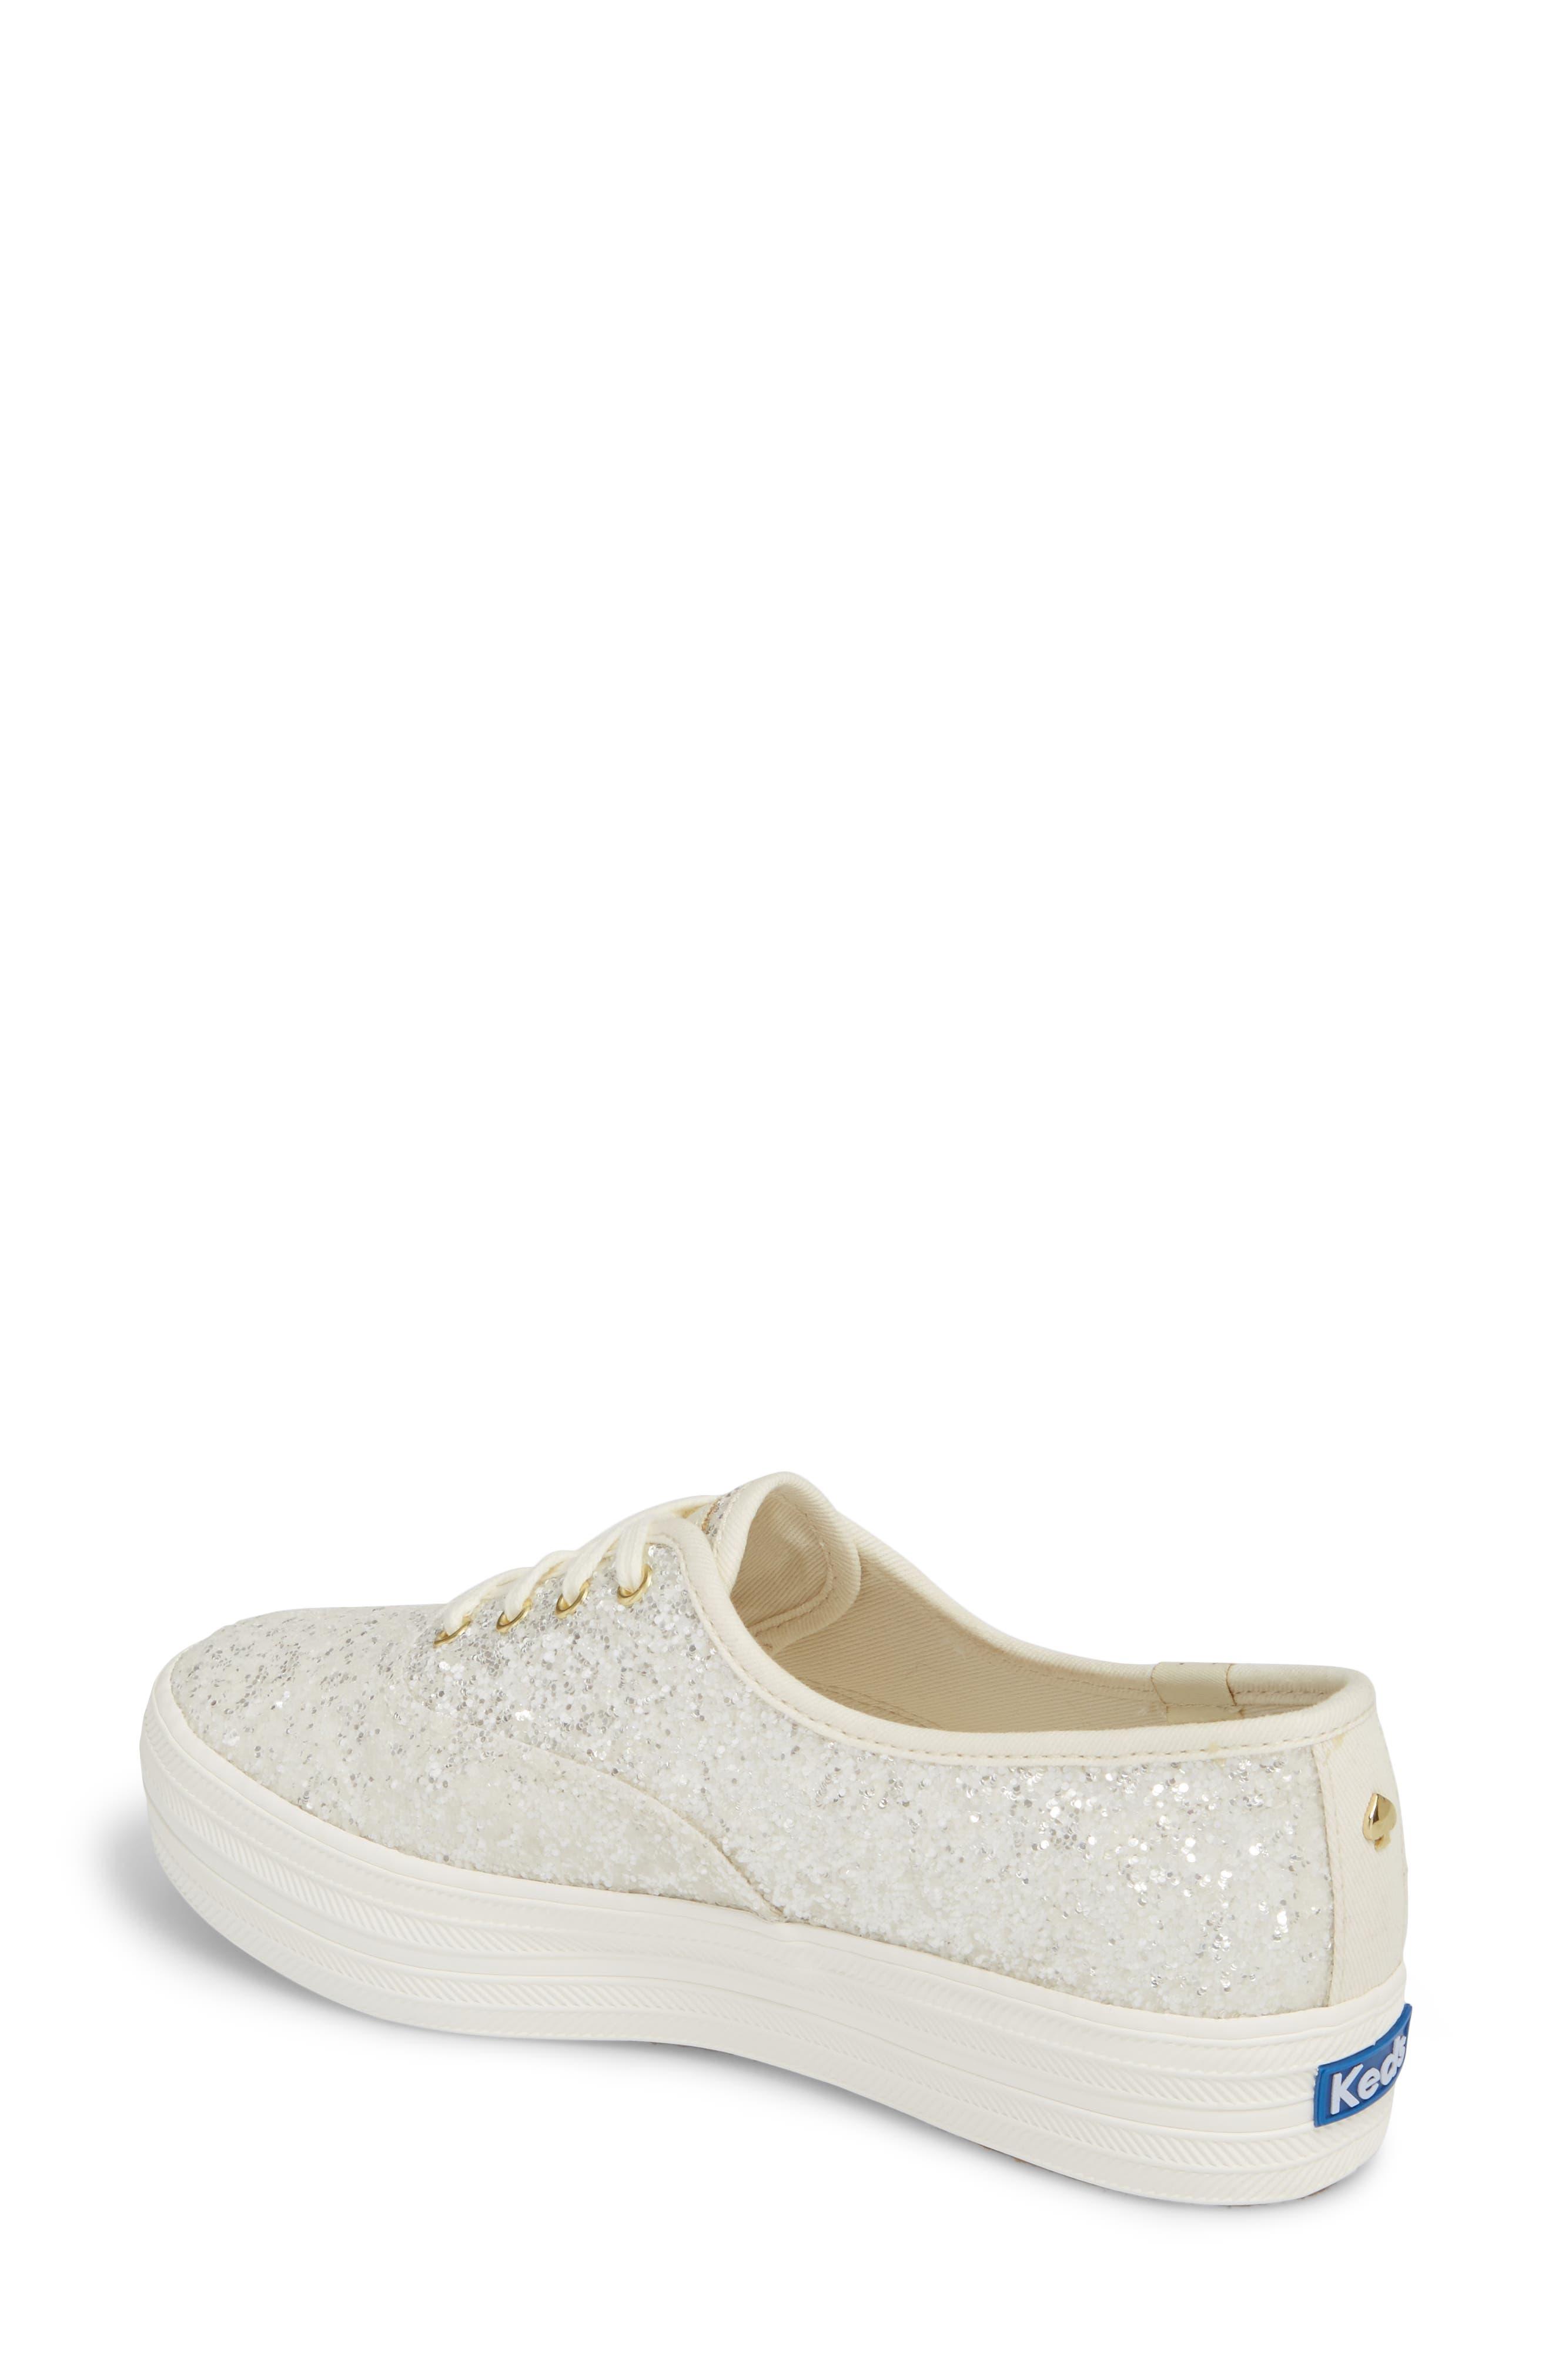 KEDS<SUP>®</SUP> FOR KATE SPADE NEW YORK, triple decker glitter sneaker, Alternate thumbnail 2, color, CREAM